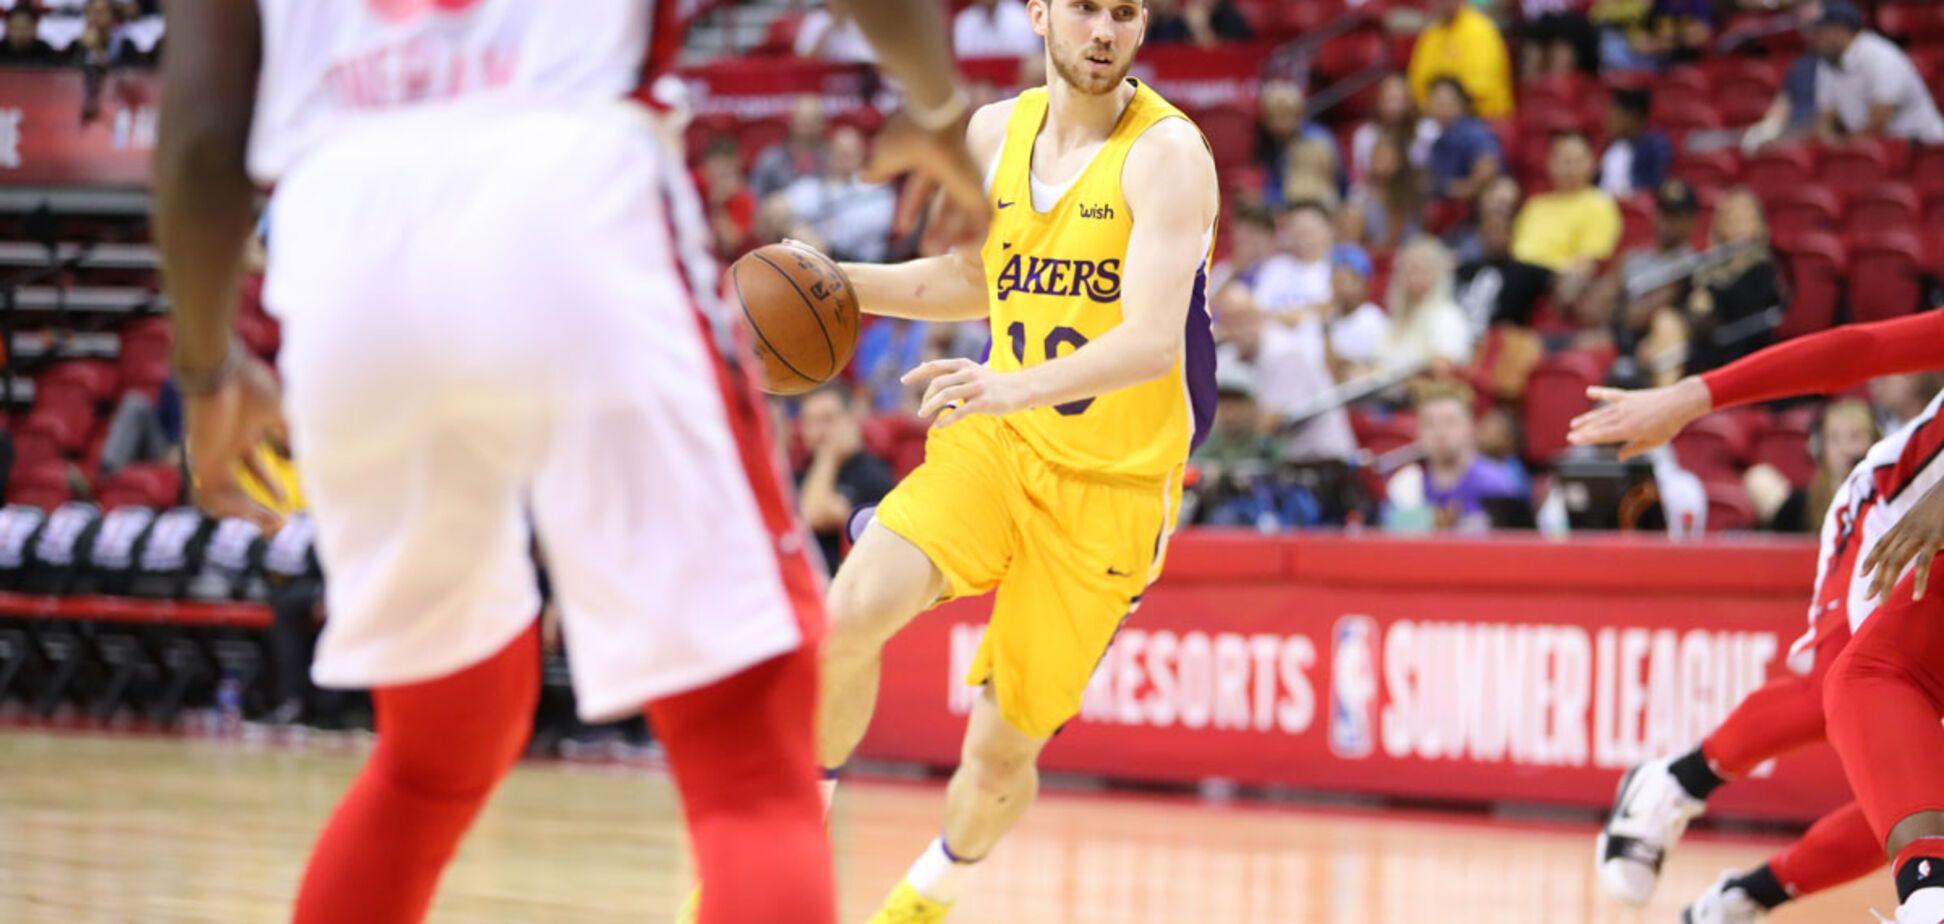 Михайлюк выиграл украинское дерби в НБА